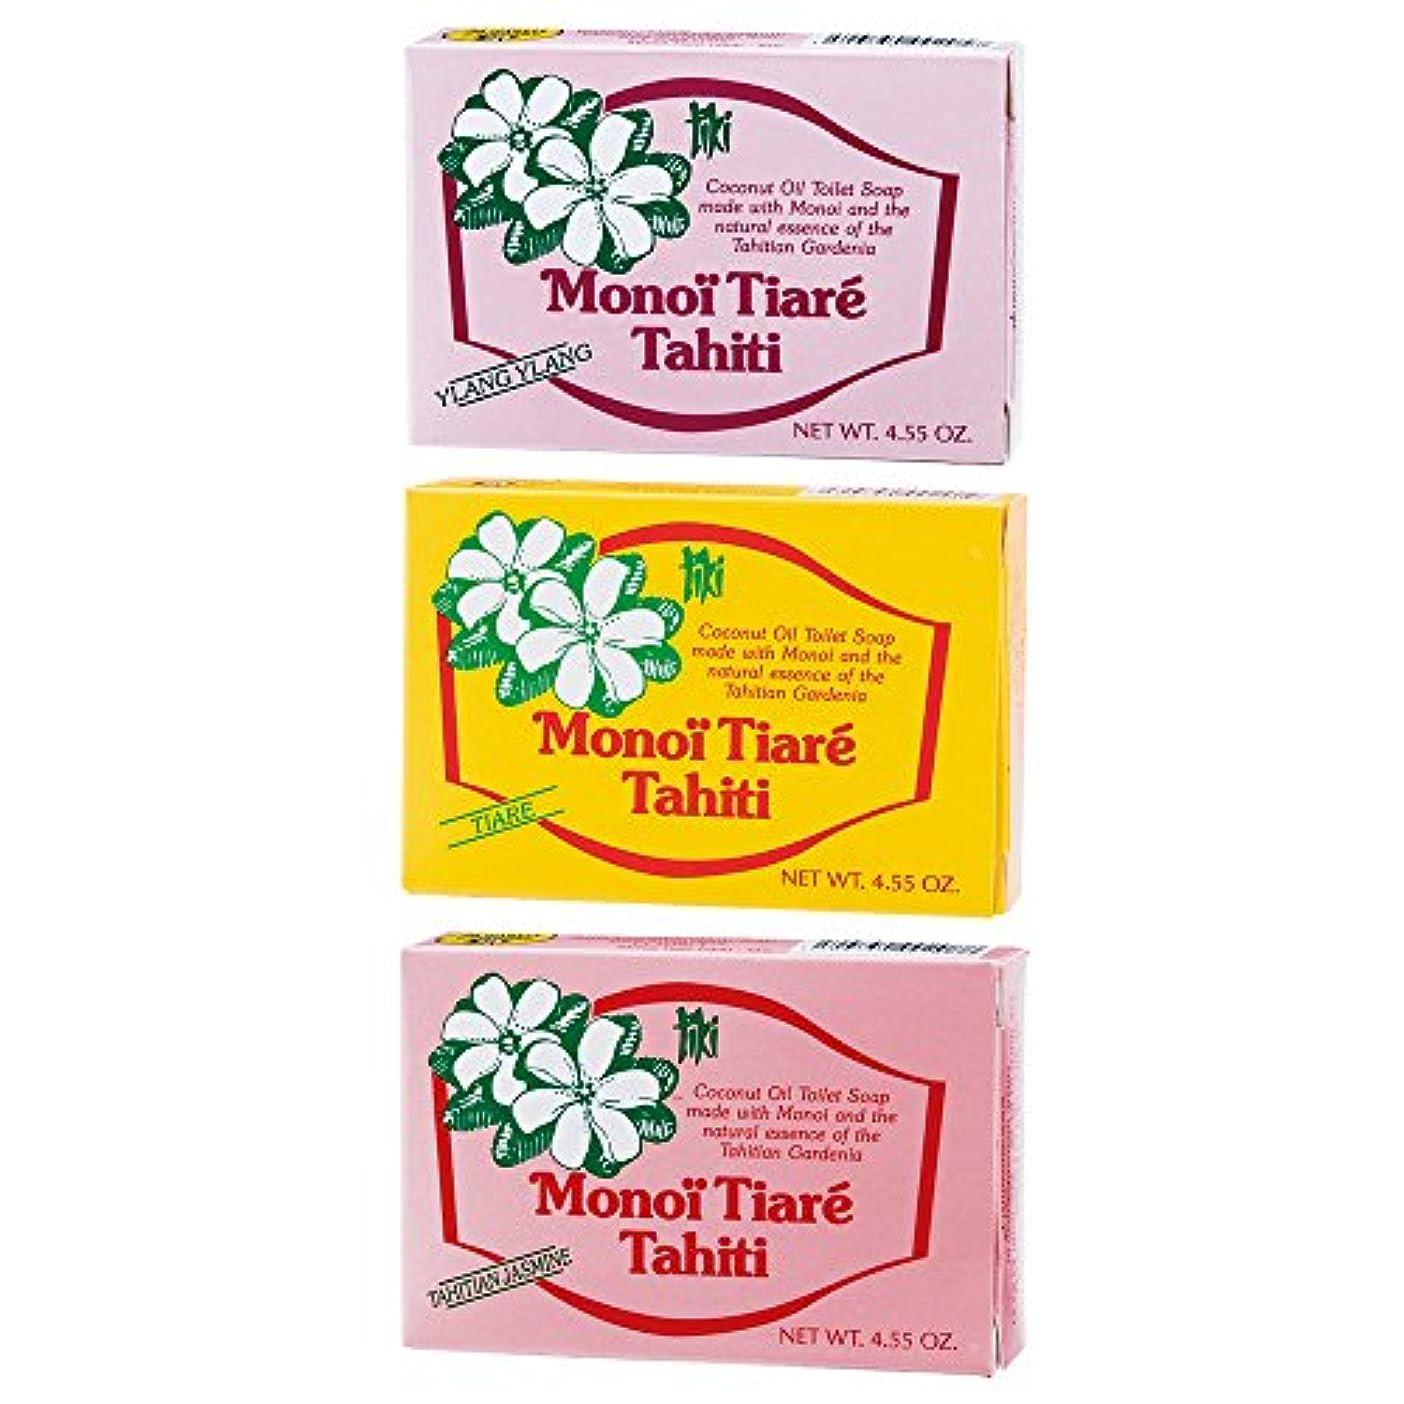 スタックあえて落ち着いたタヒチお土産 タヒチ モノイティアレ 石けん 3種セット